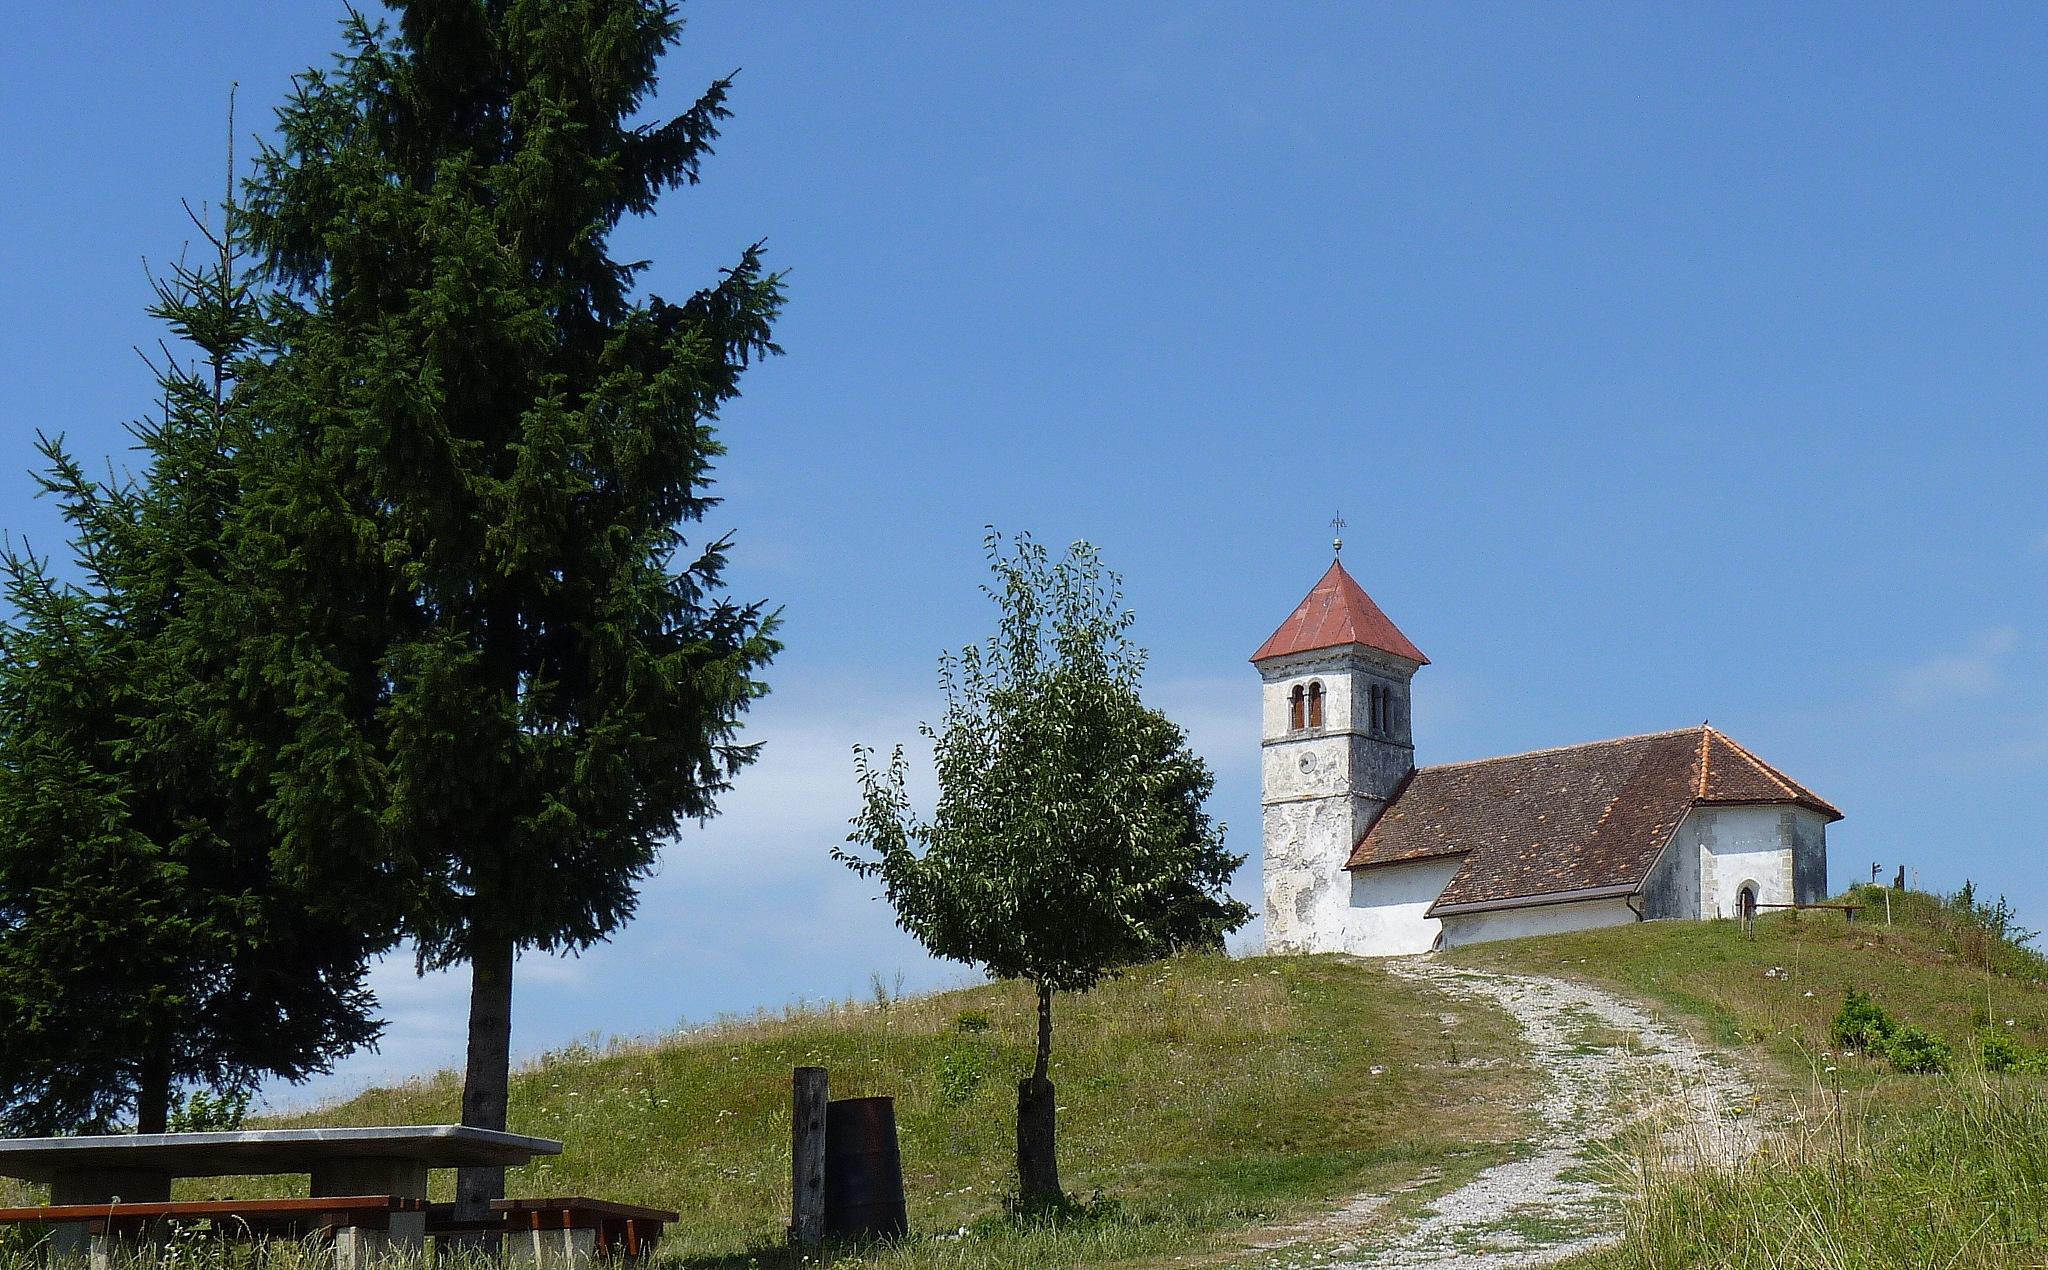 Church of St. Anne (484 m) by zvnktomasevic